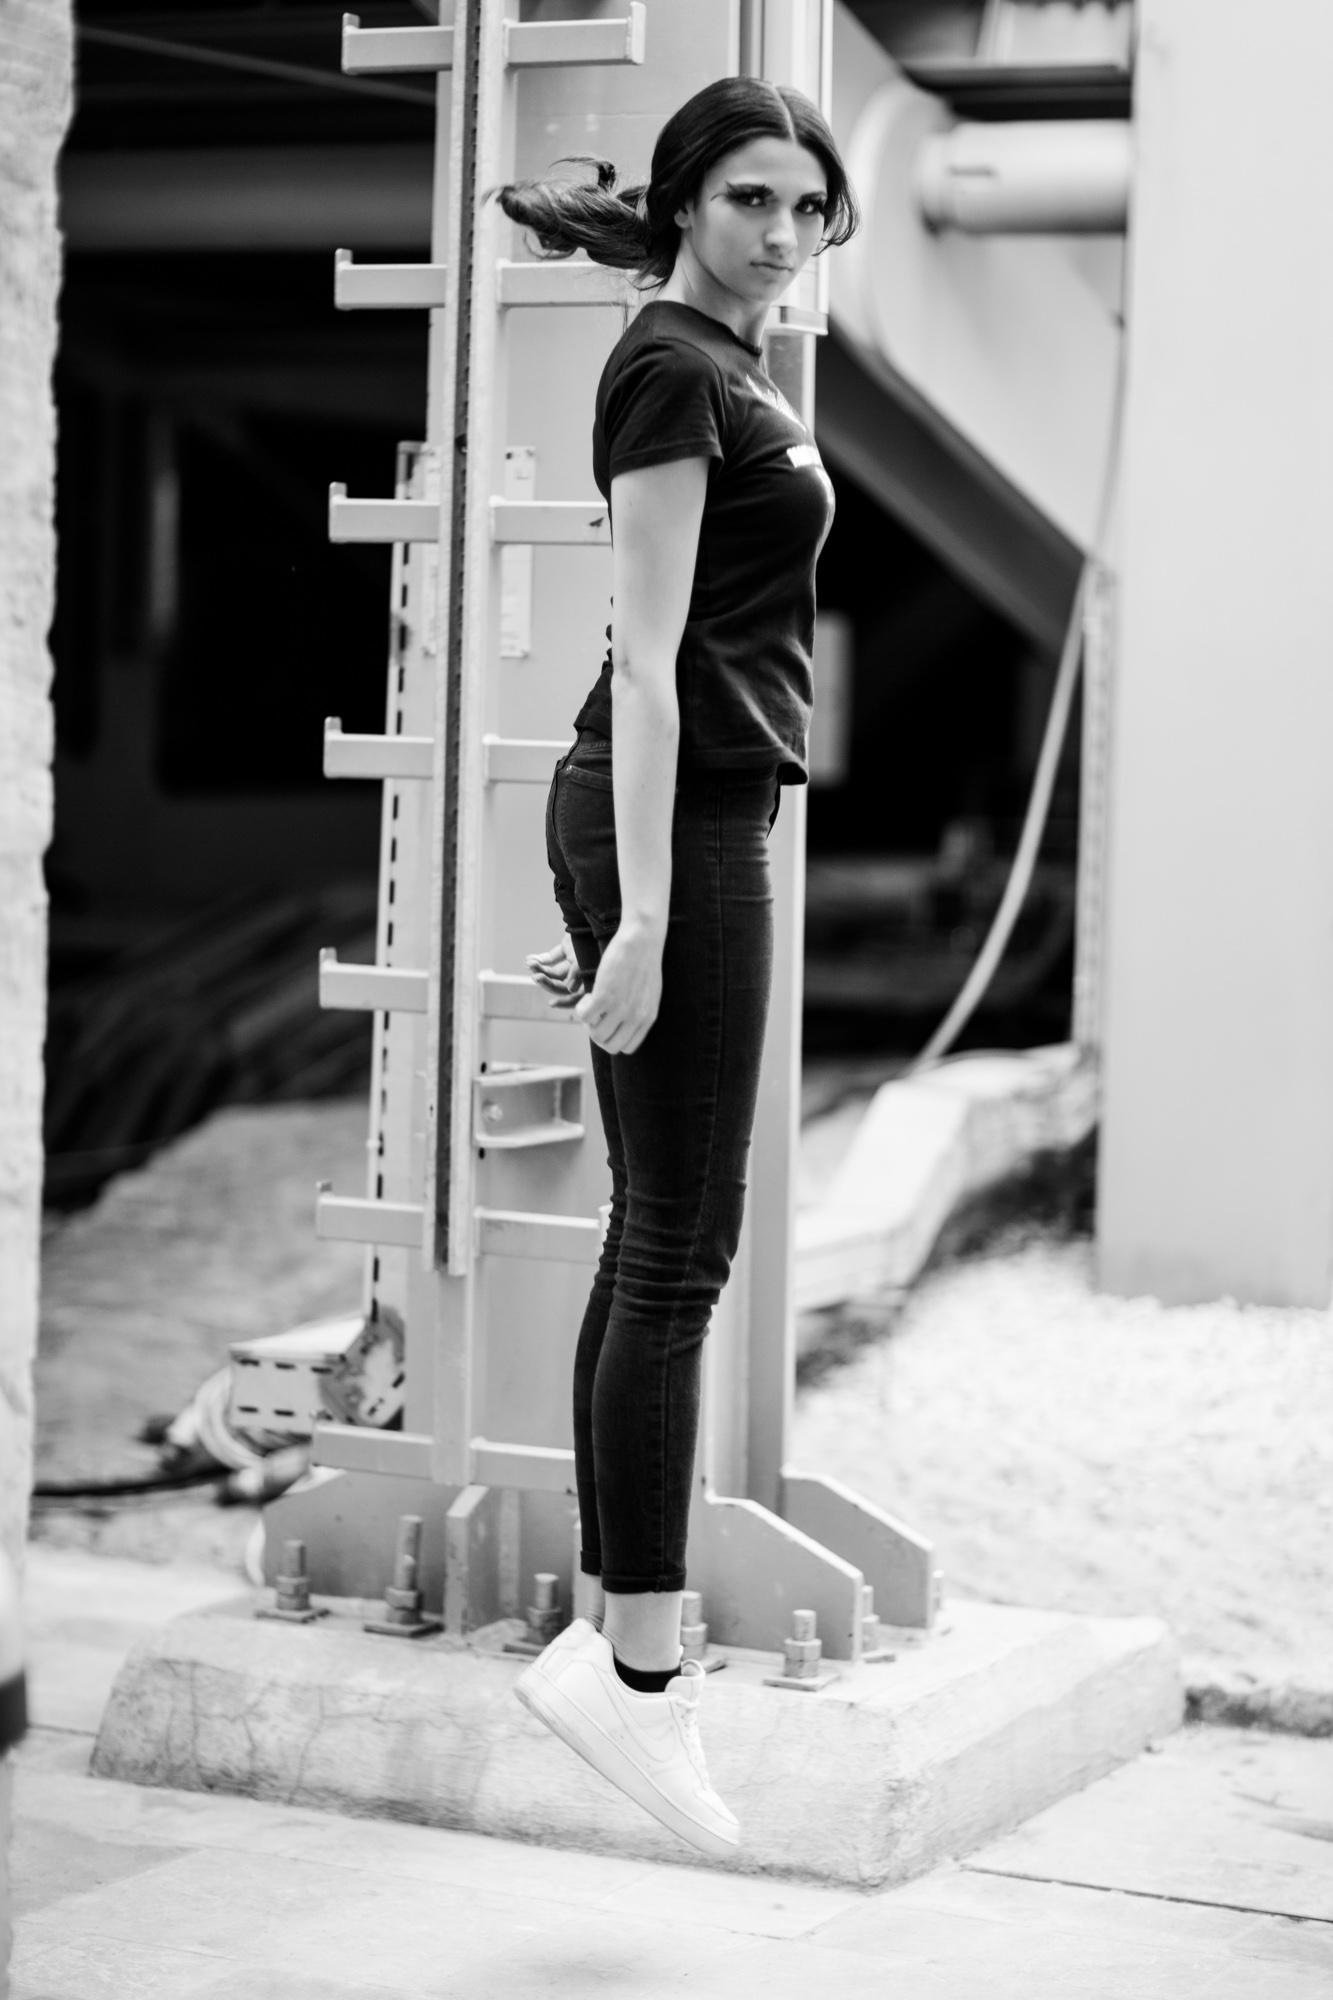 Caroline Hili Backstage_94B8465-44.jpg